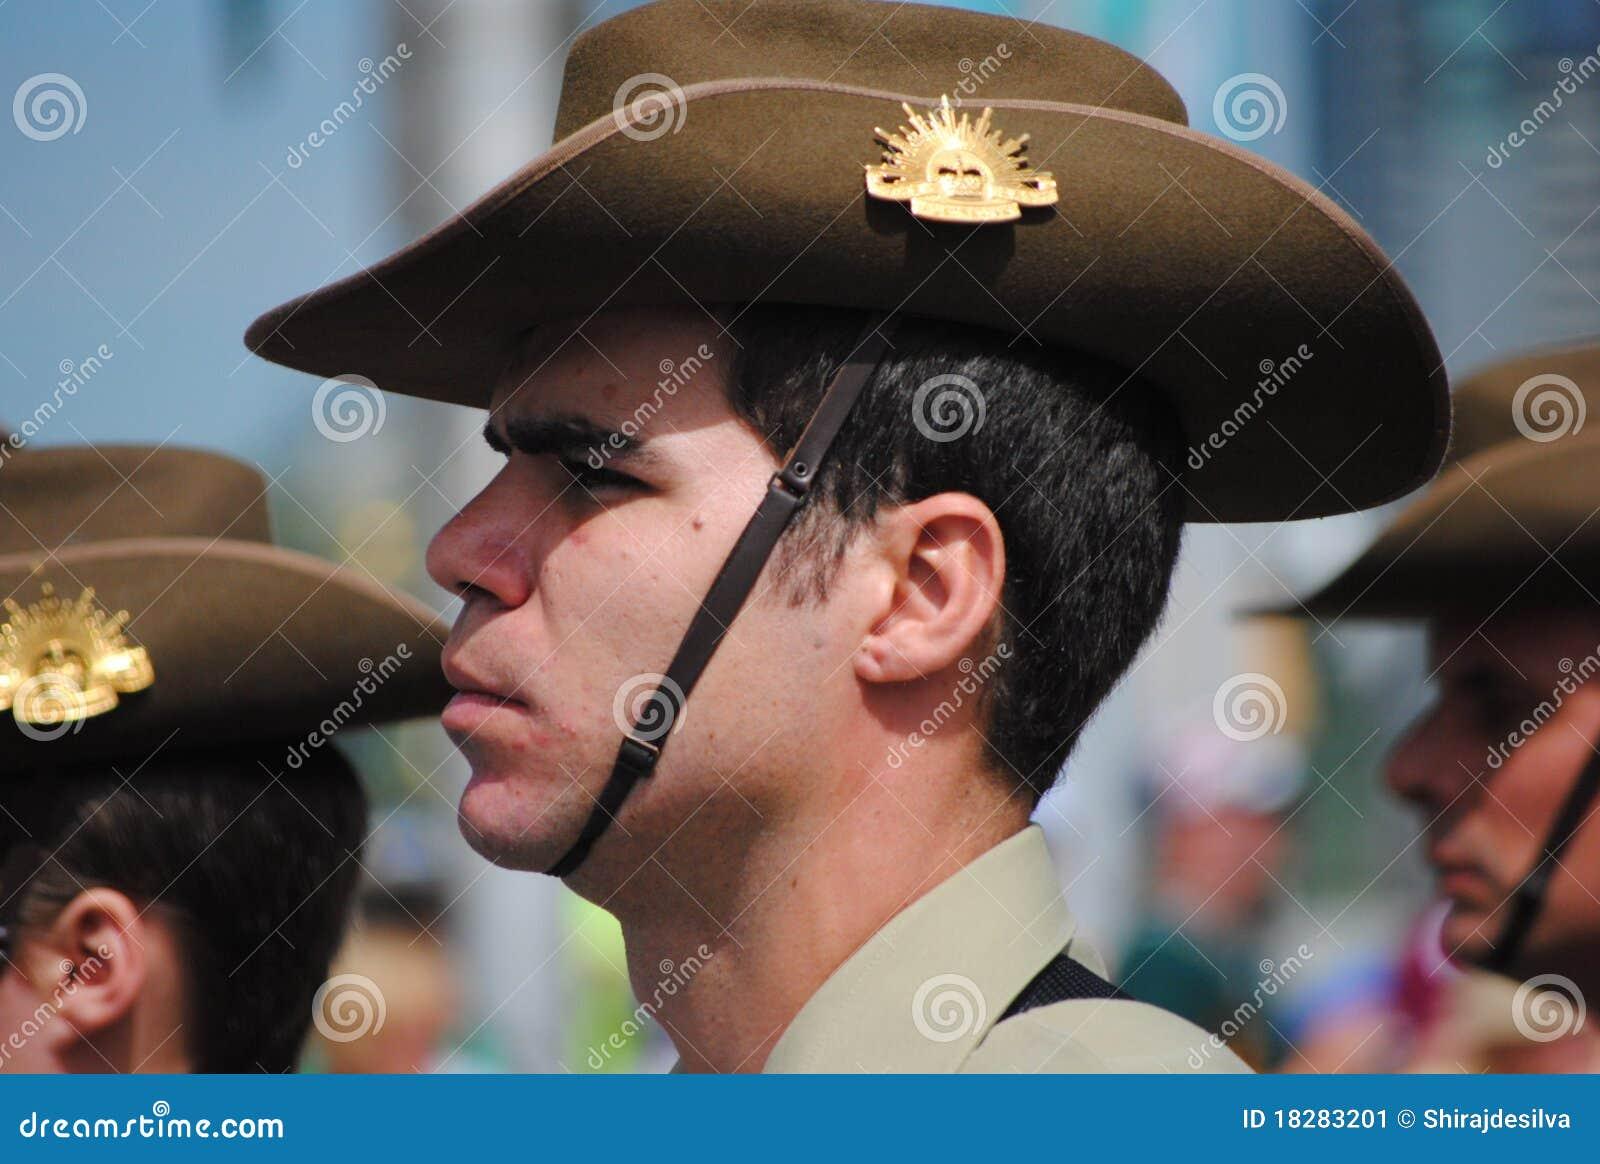 Oficial de ejército australiano en el desfile del día de Australia